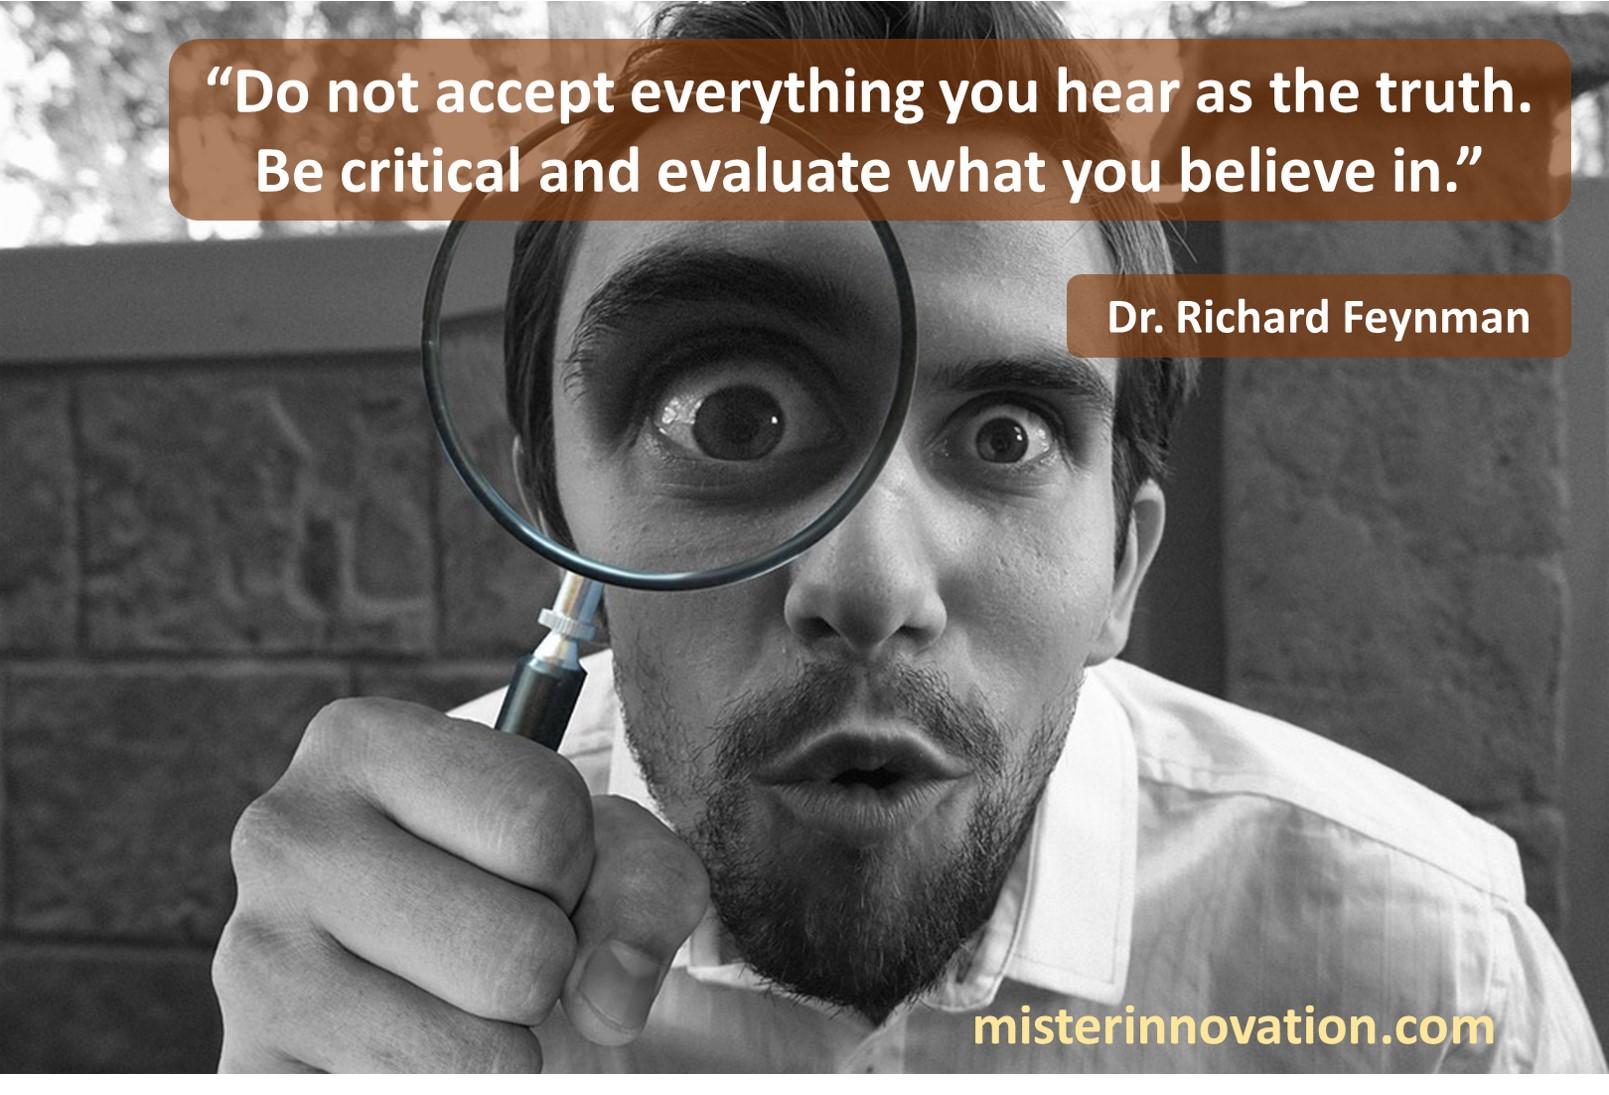 Richard Feynman Truth